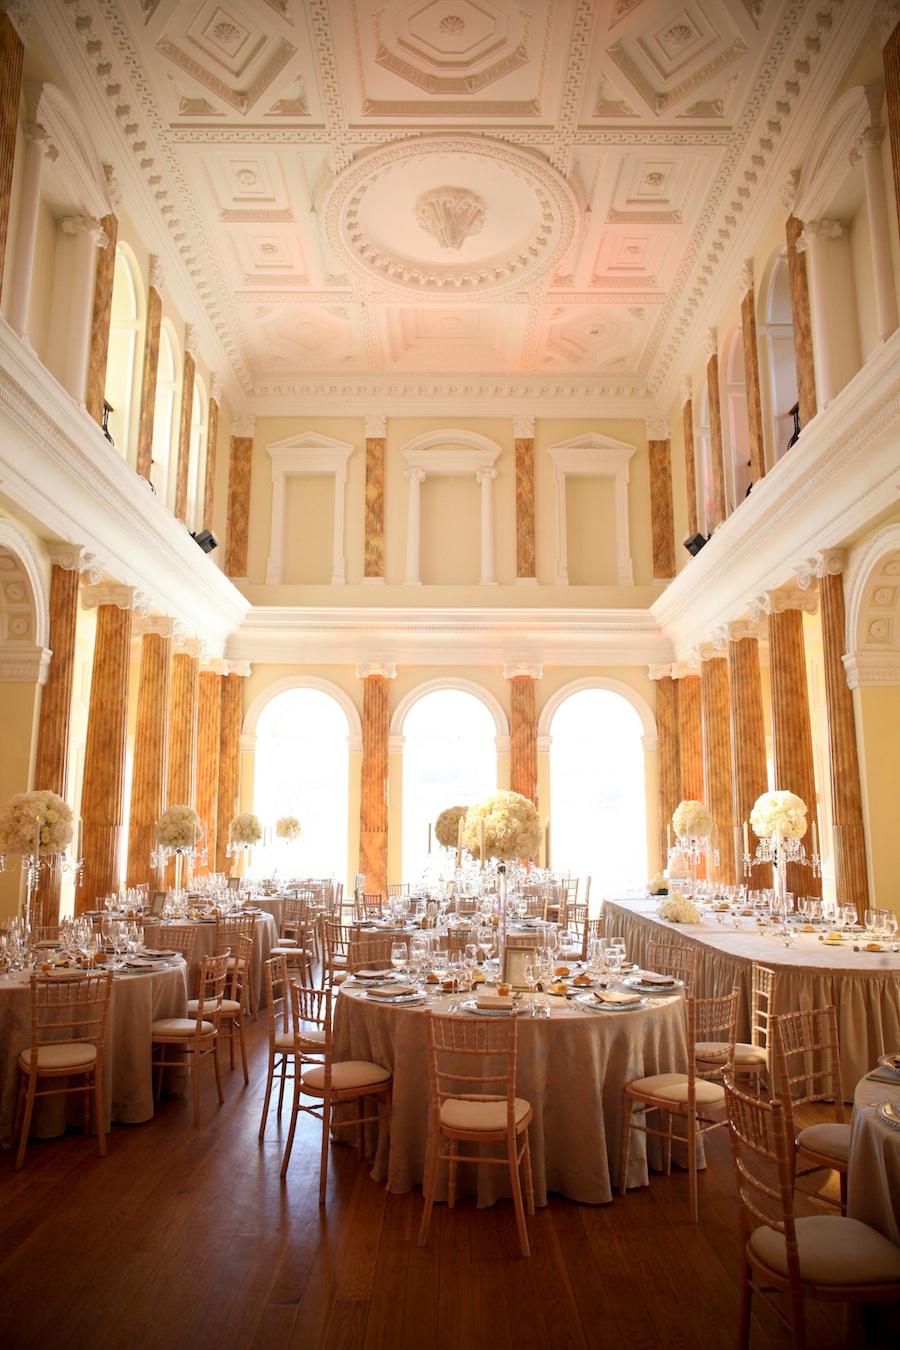 elegant reception room for a wedding in Ireland